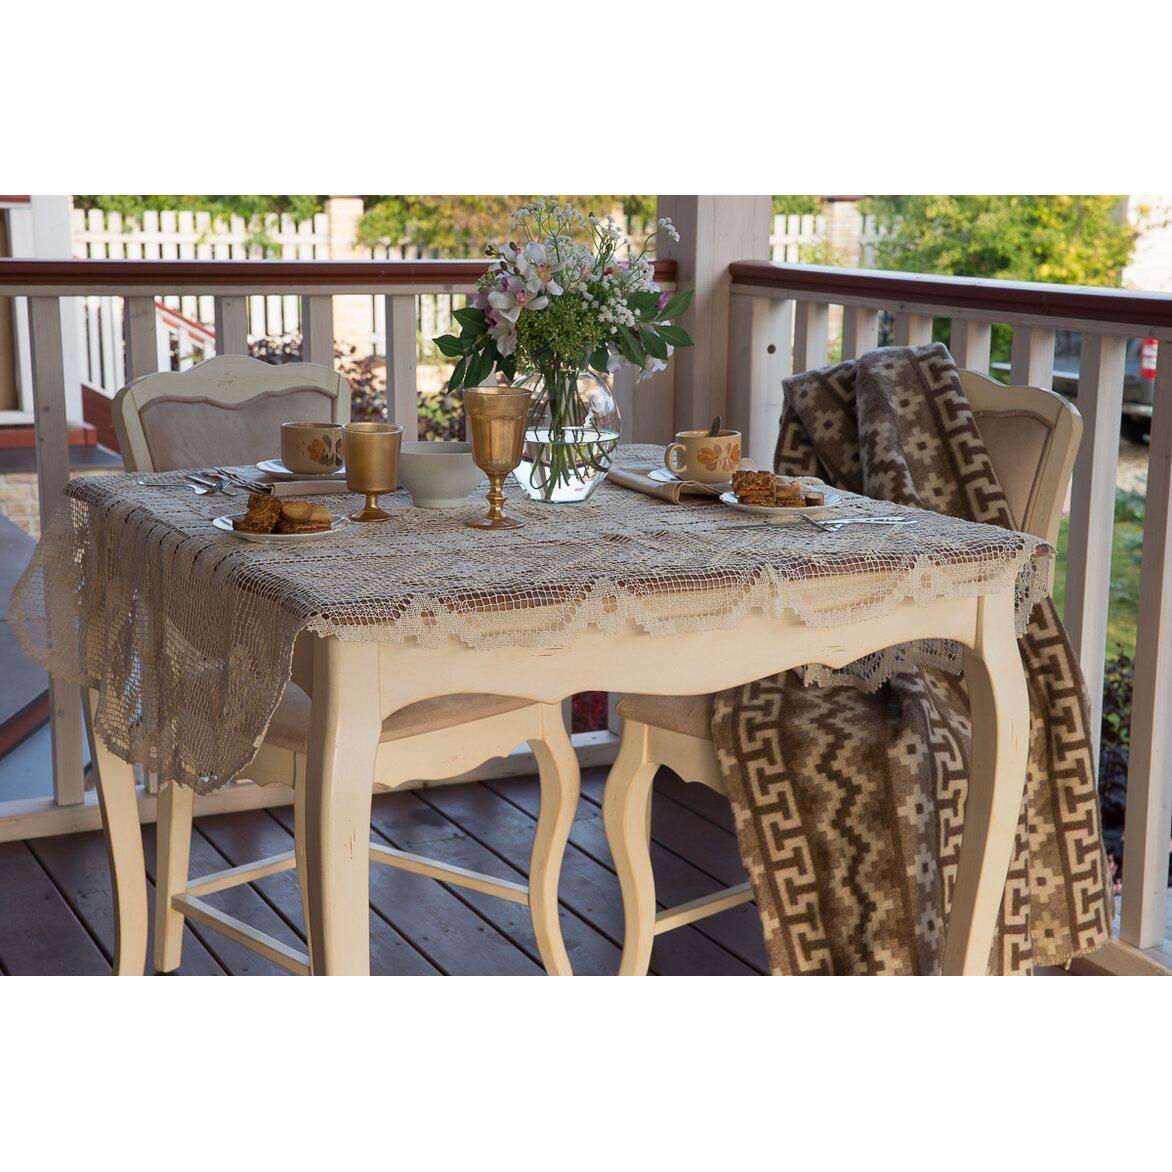 Обеденный стол (квадратный) Leontina, бежевого цвета 4   Обеденные столы Kingsby